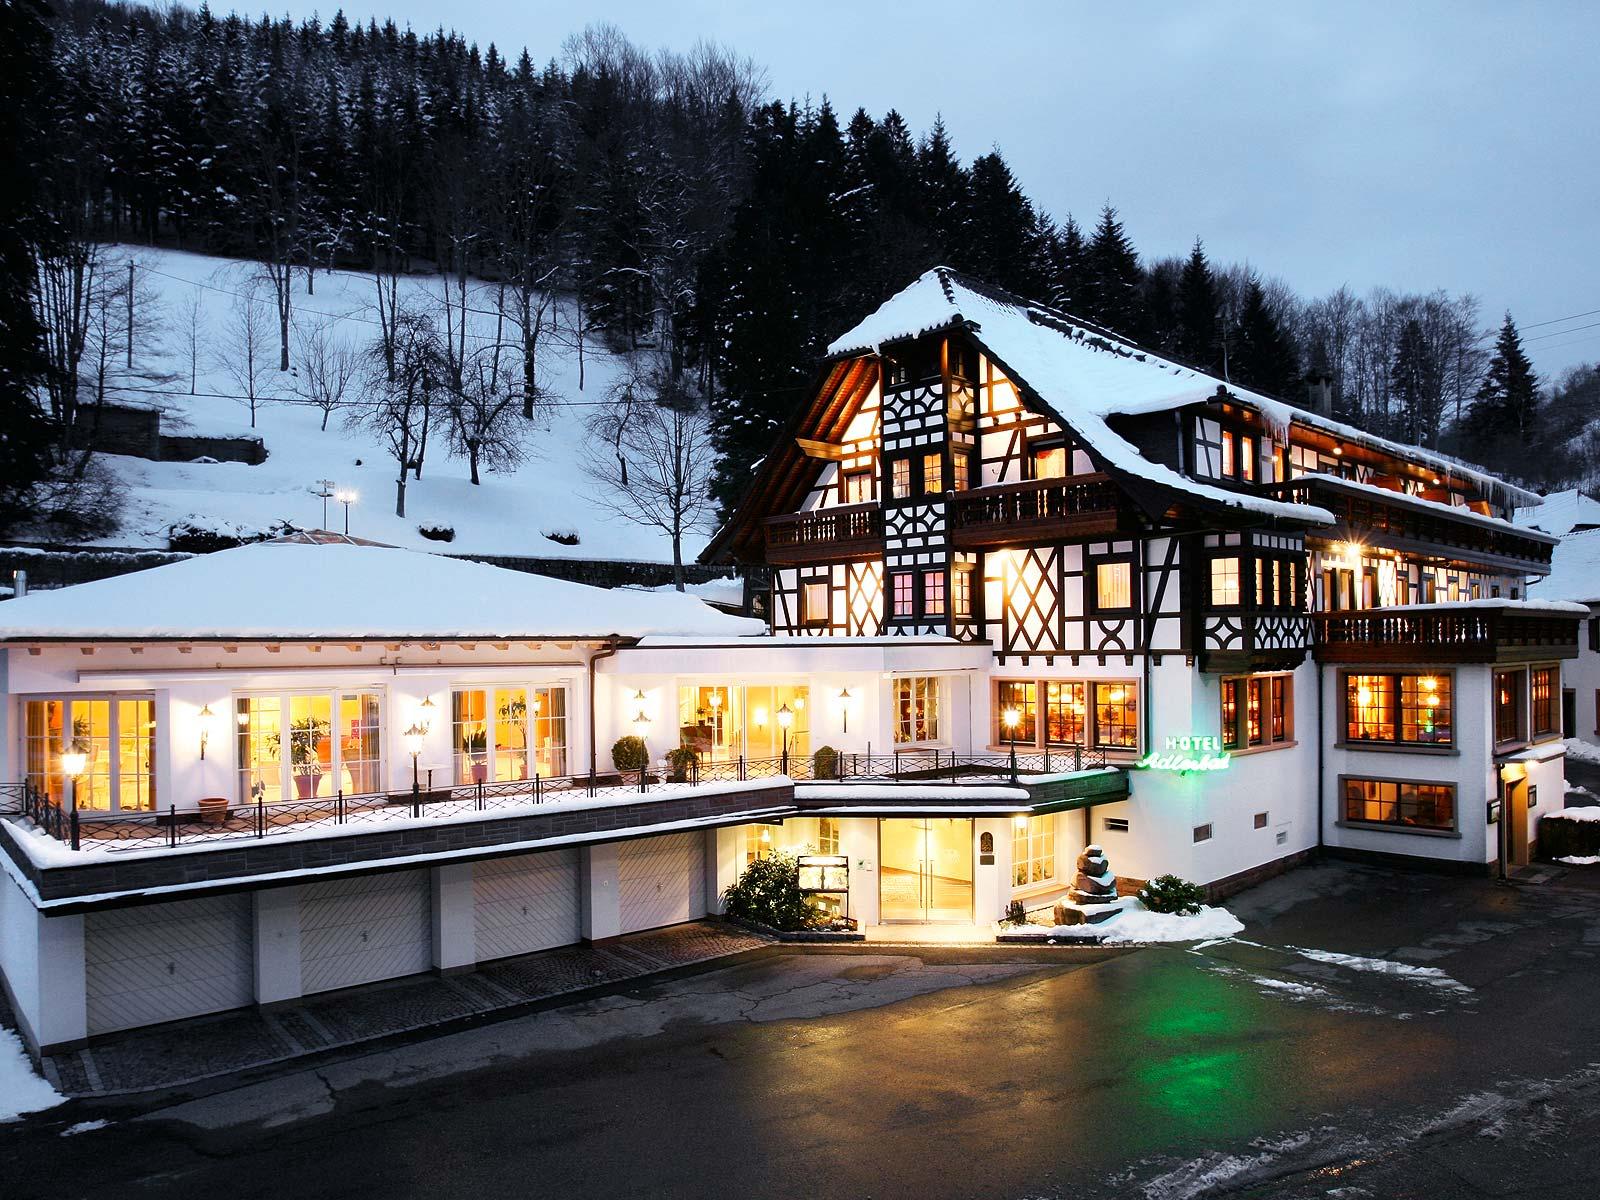 Adlerbad Weihnachten-Silvester